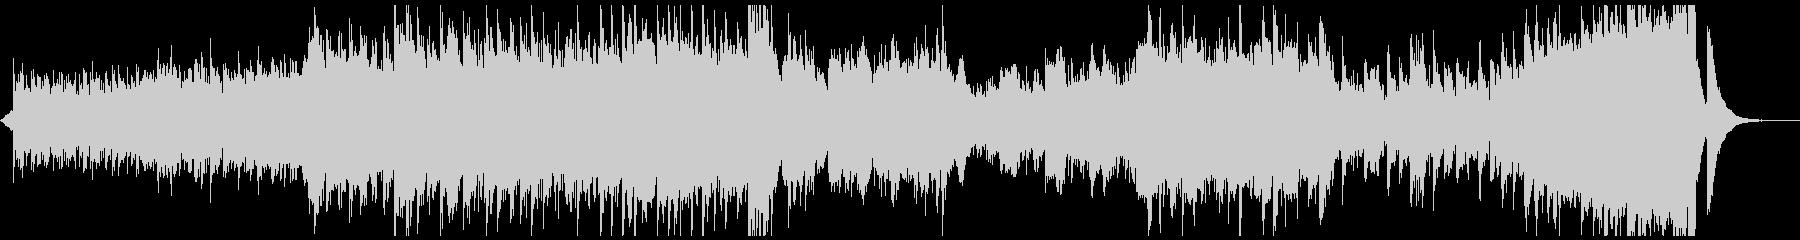 現代の交響曲で淡々とした曲の未再生の波形